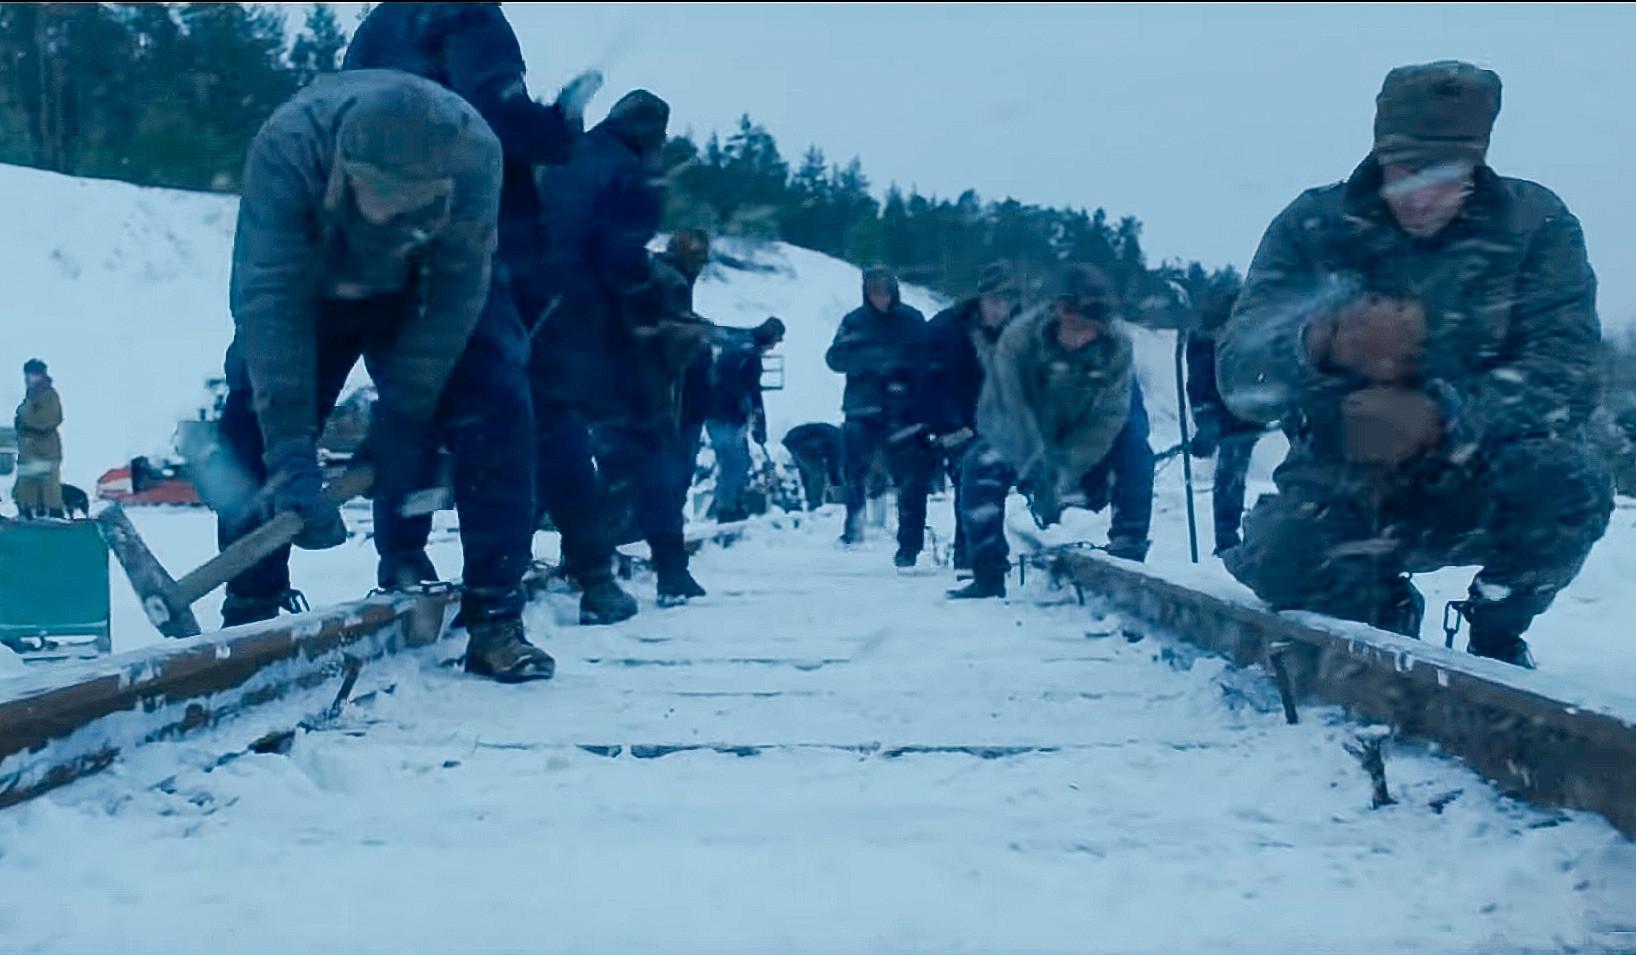 Zatvorenici u službenom teaseru za četvrtu sezonu bez sumnje grade željeznicu, vjerojatno Bajkalsko-amursku magistralu.